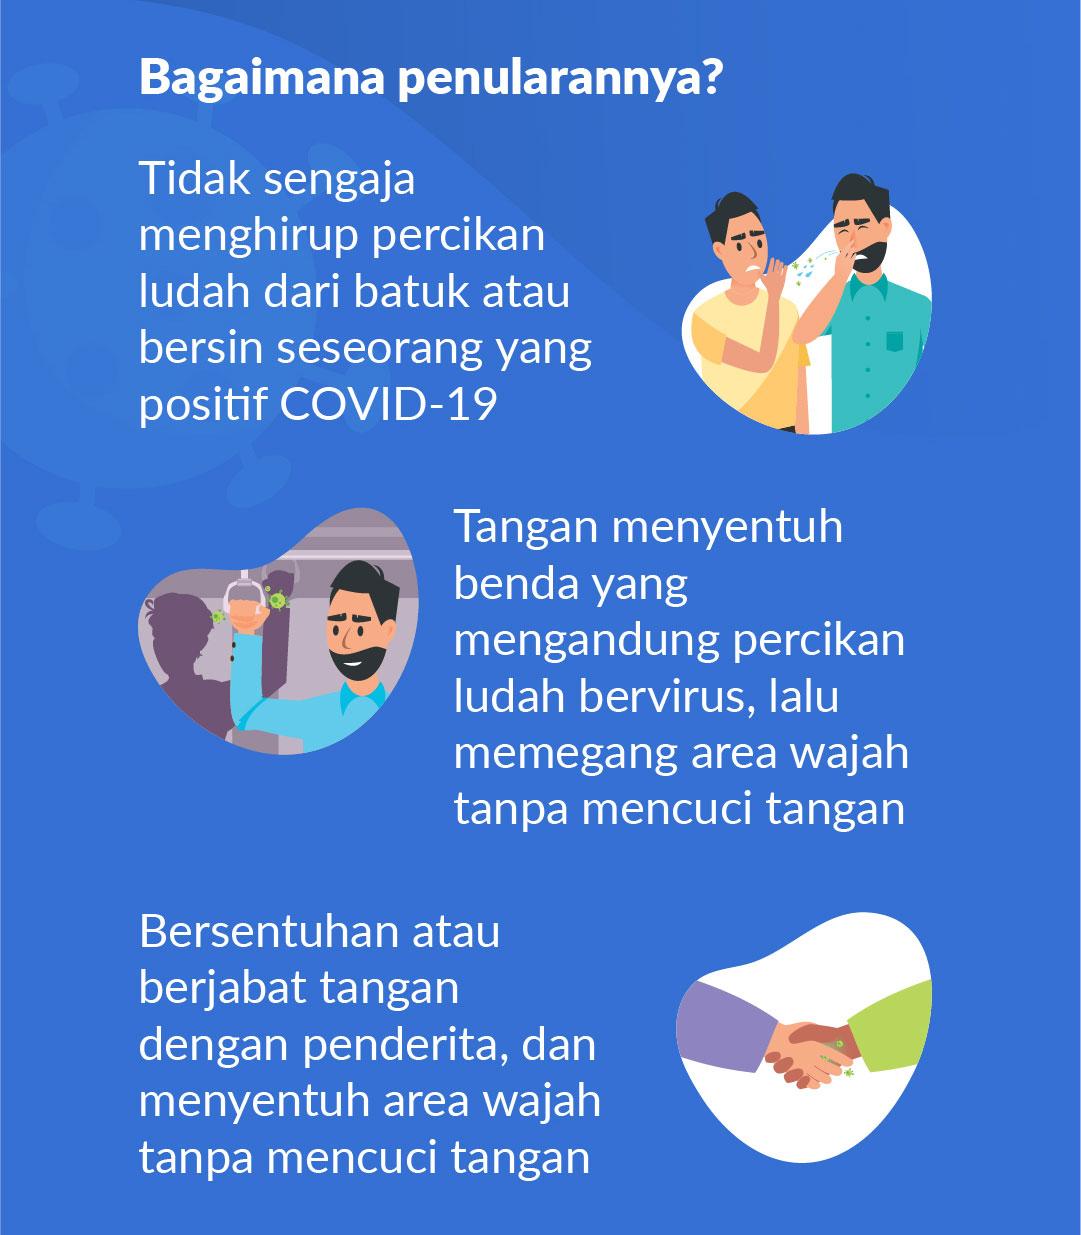 Bagaimana penularan COVID-19